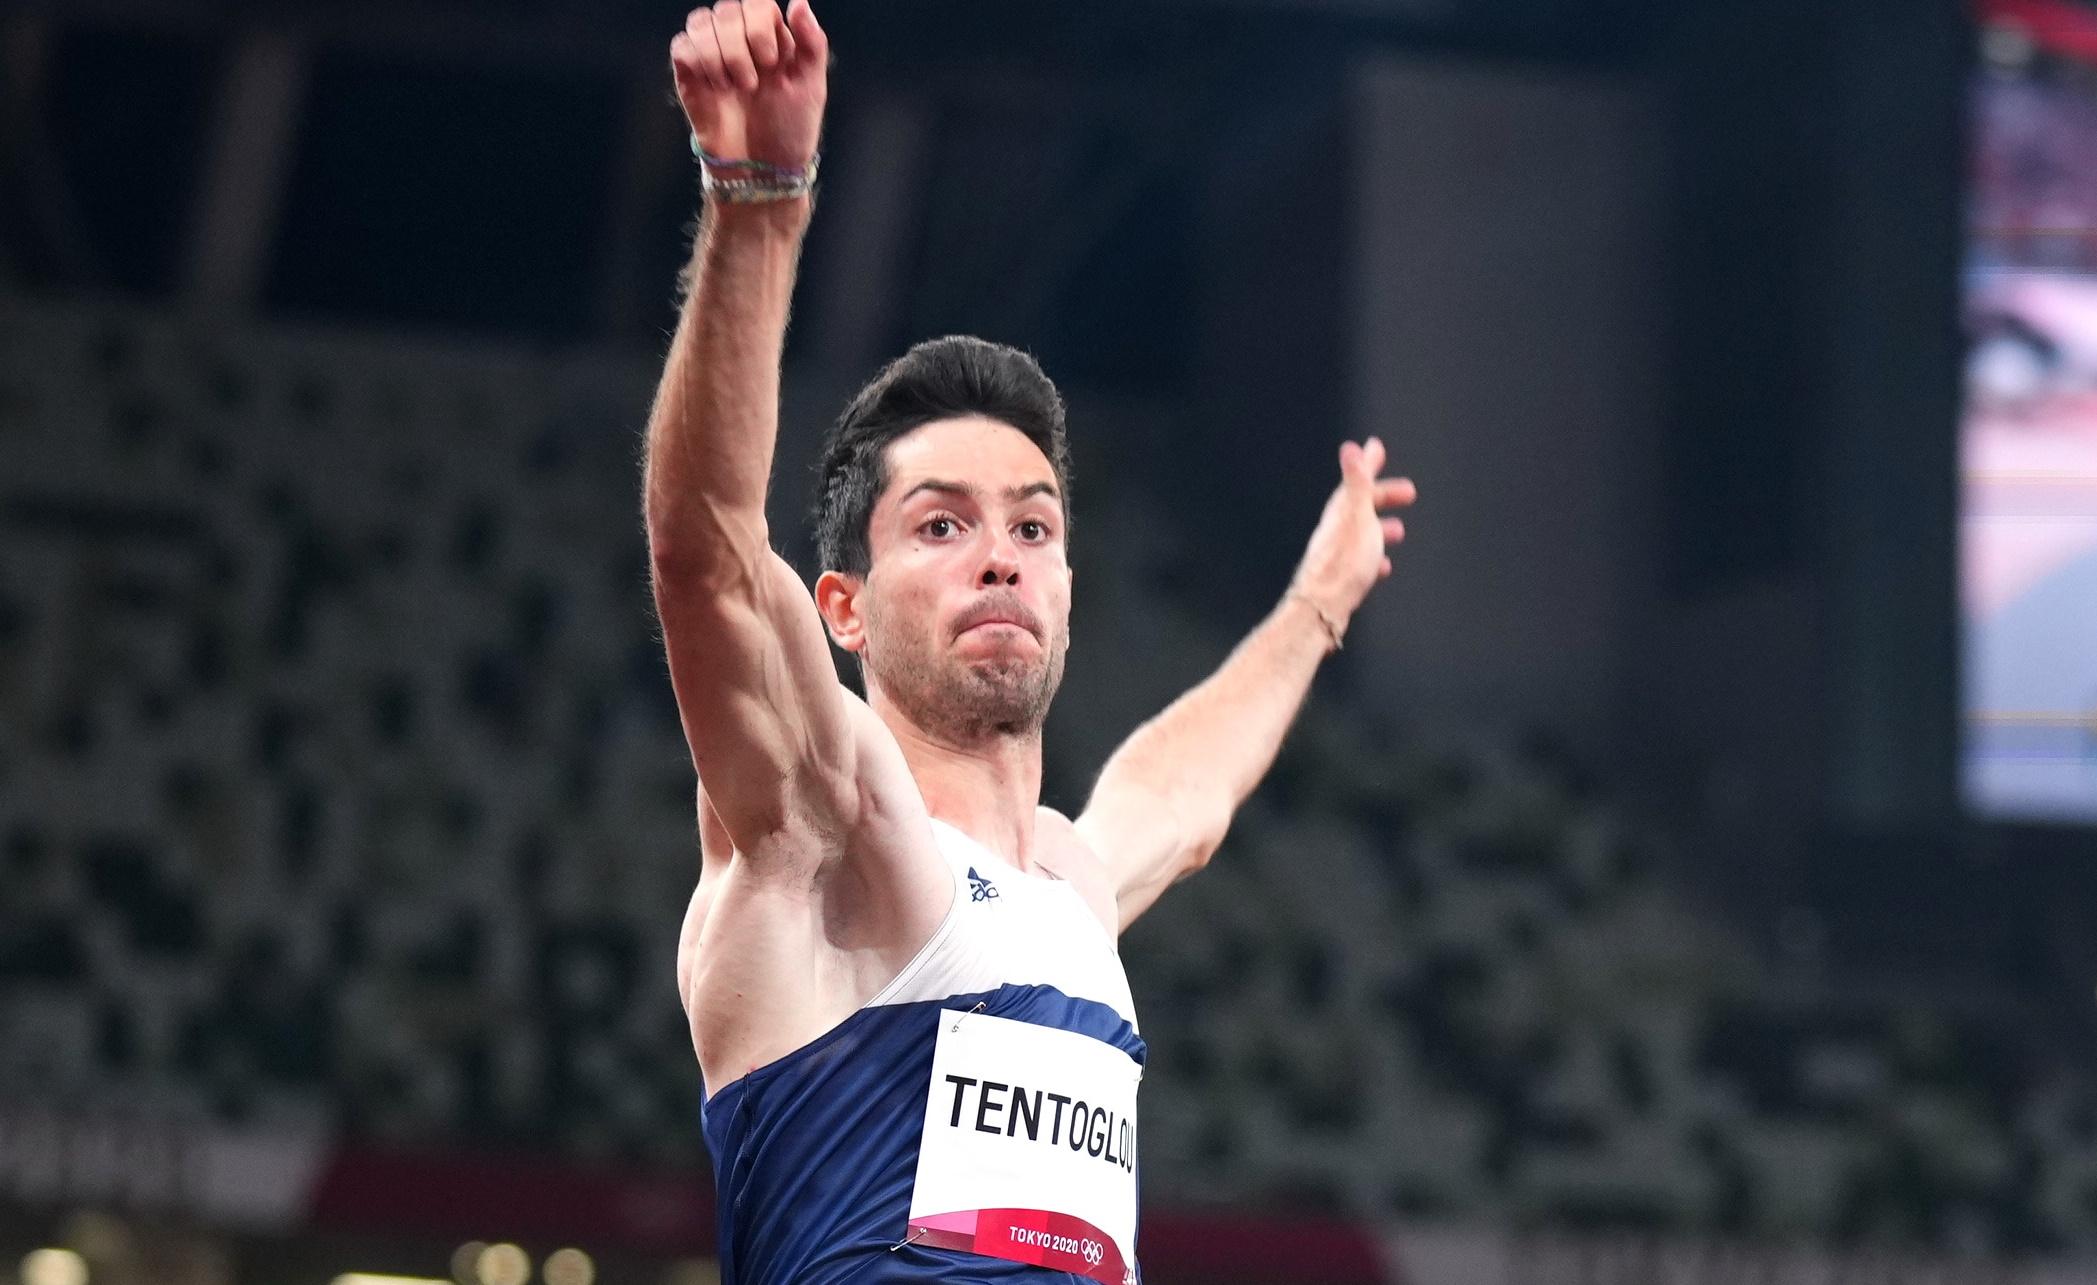 Ολυμπιακοί Αγώνες: Για το «χρυσό» άλμα ο Μίλτος Τεντόγλου στον τελικό του μήκους